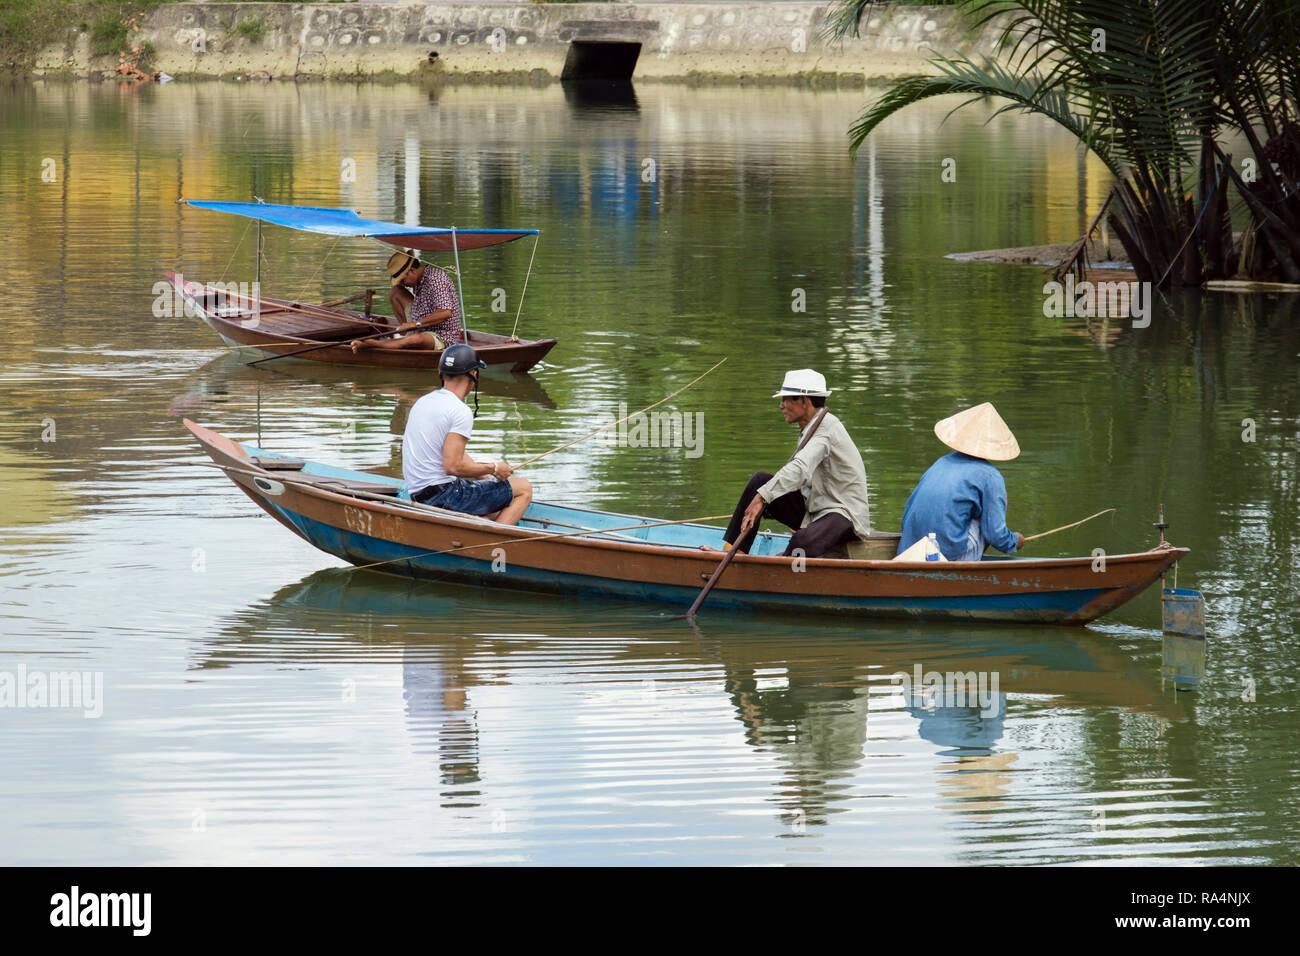 Scène de la vie quotidienne des hommes de la pêche dans les petits bateau traditionnel sur la rivière Thu Bon. Hoi An, Quang Nam Province, Vietnam, Asie Photo Stock